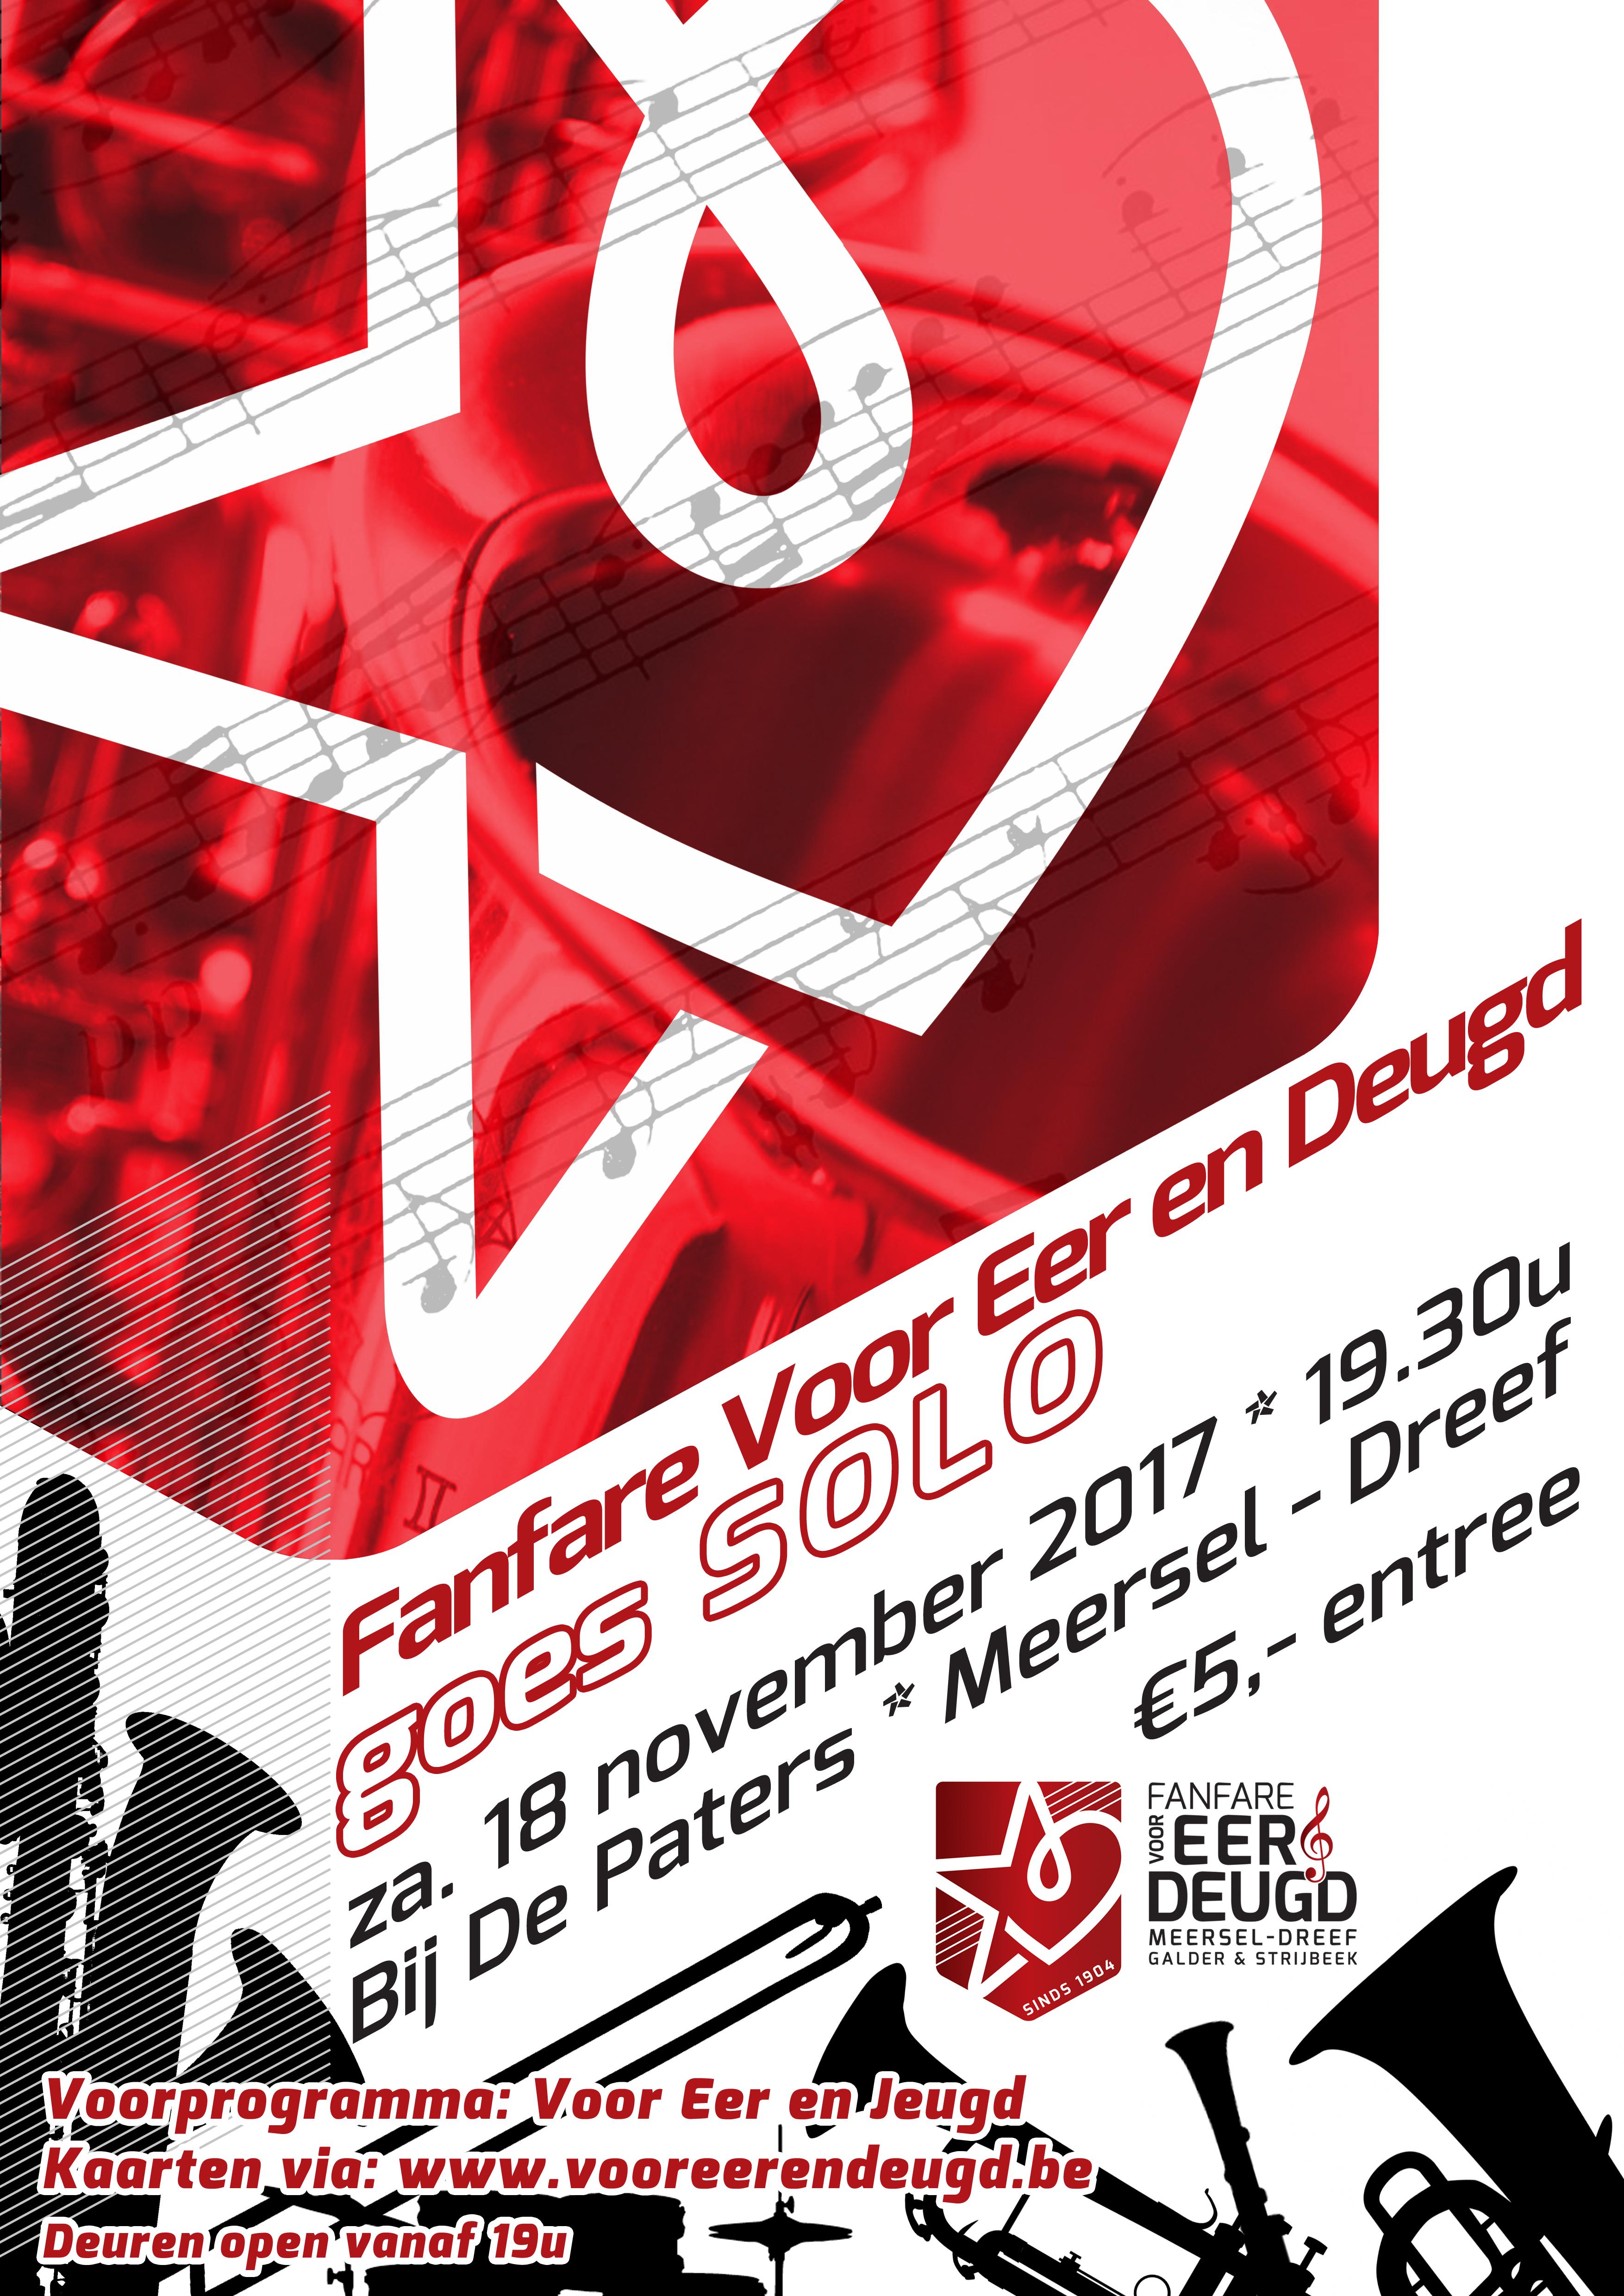 fanfare-voor-eer-en-deugd-goes-solo